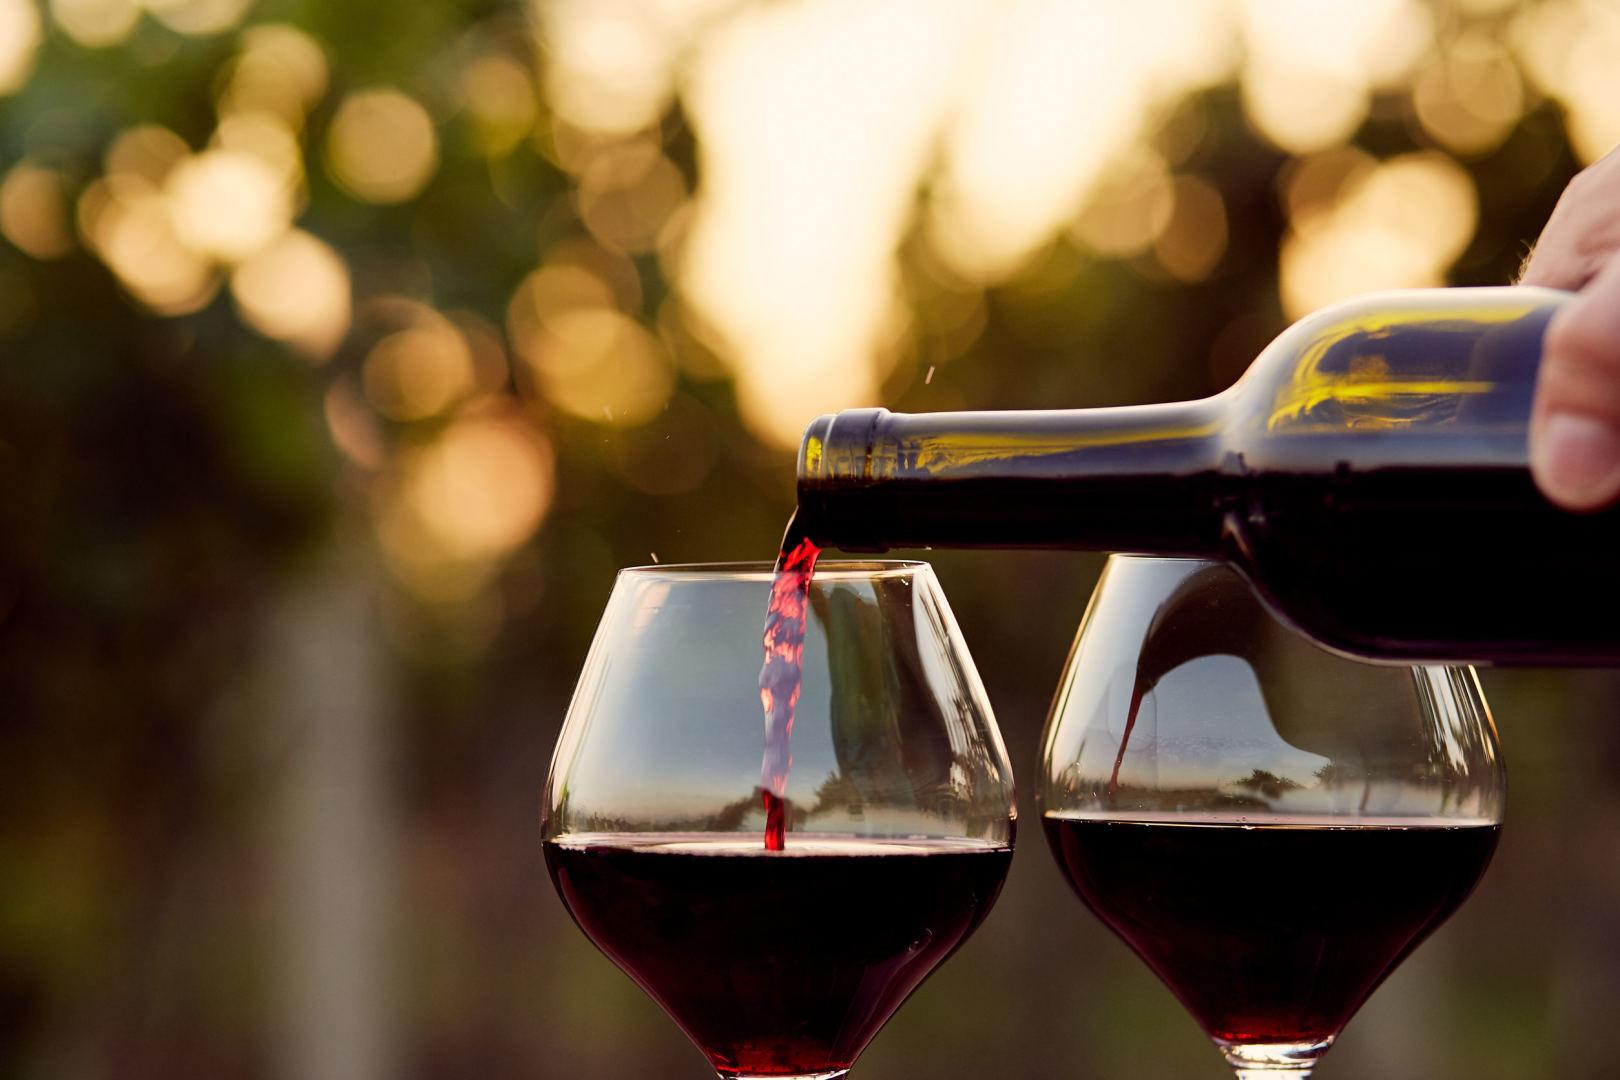 geriausias laikas gerti vyną sveikatai